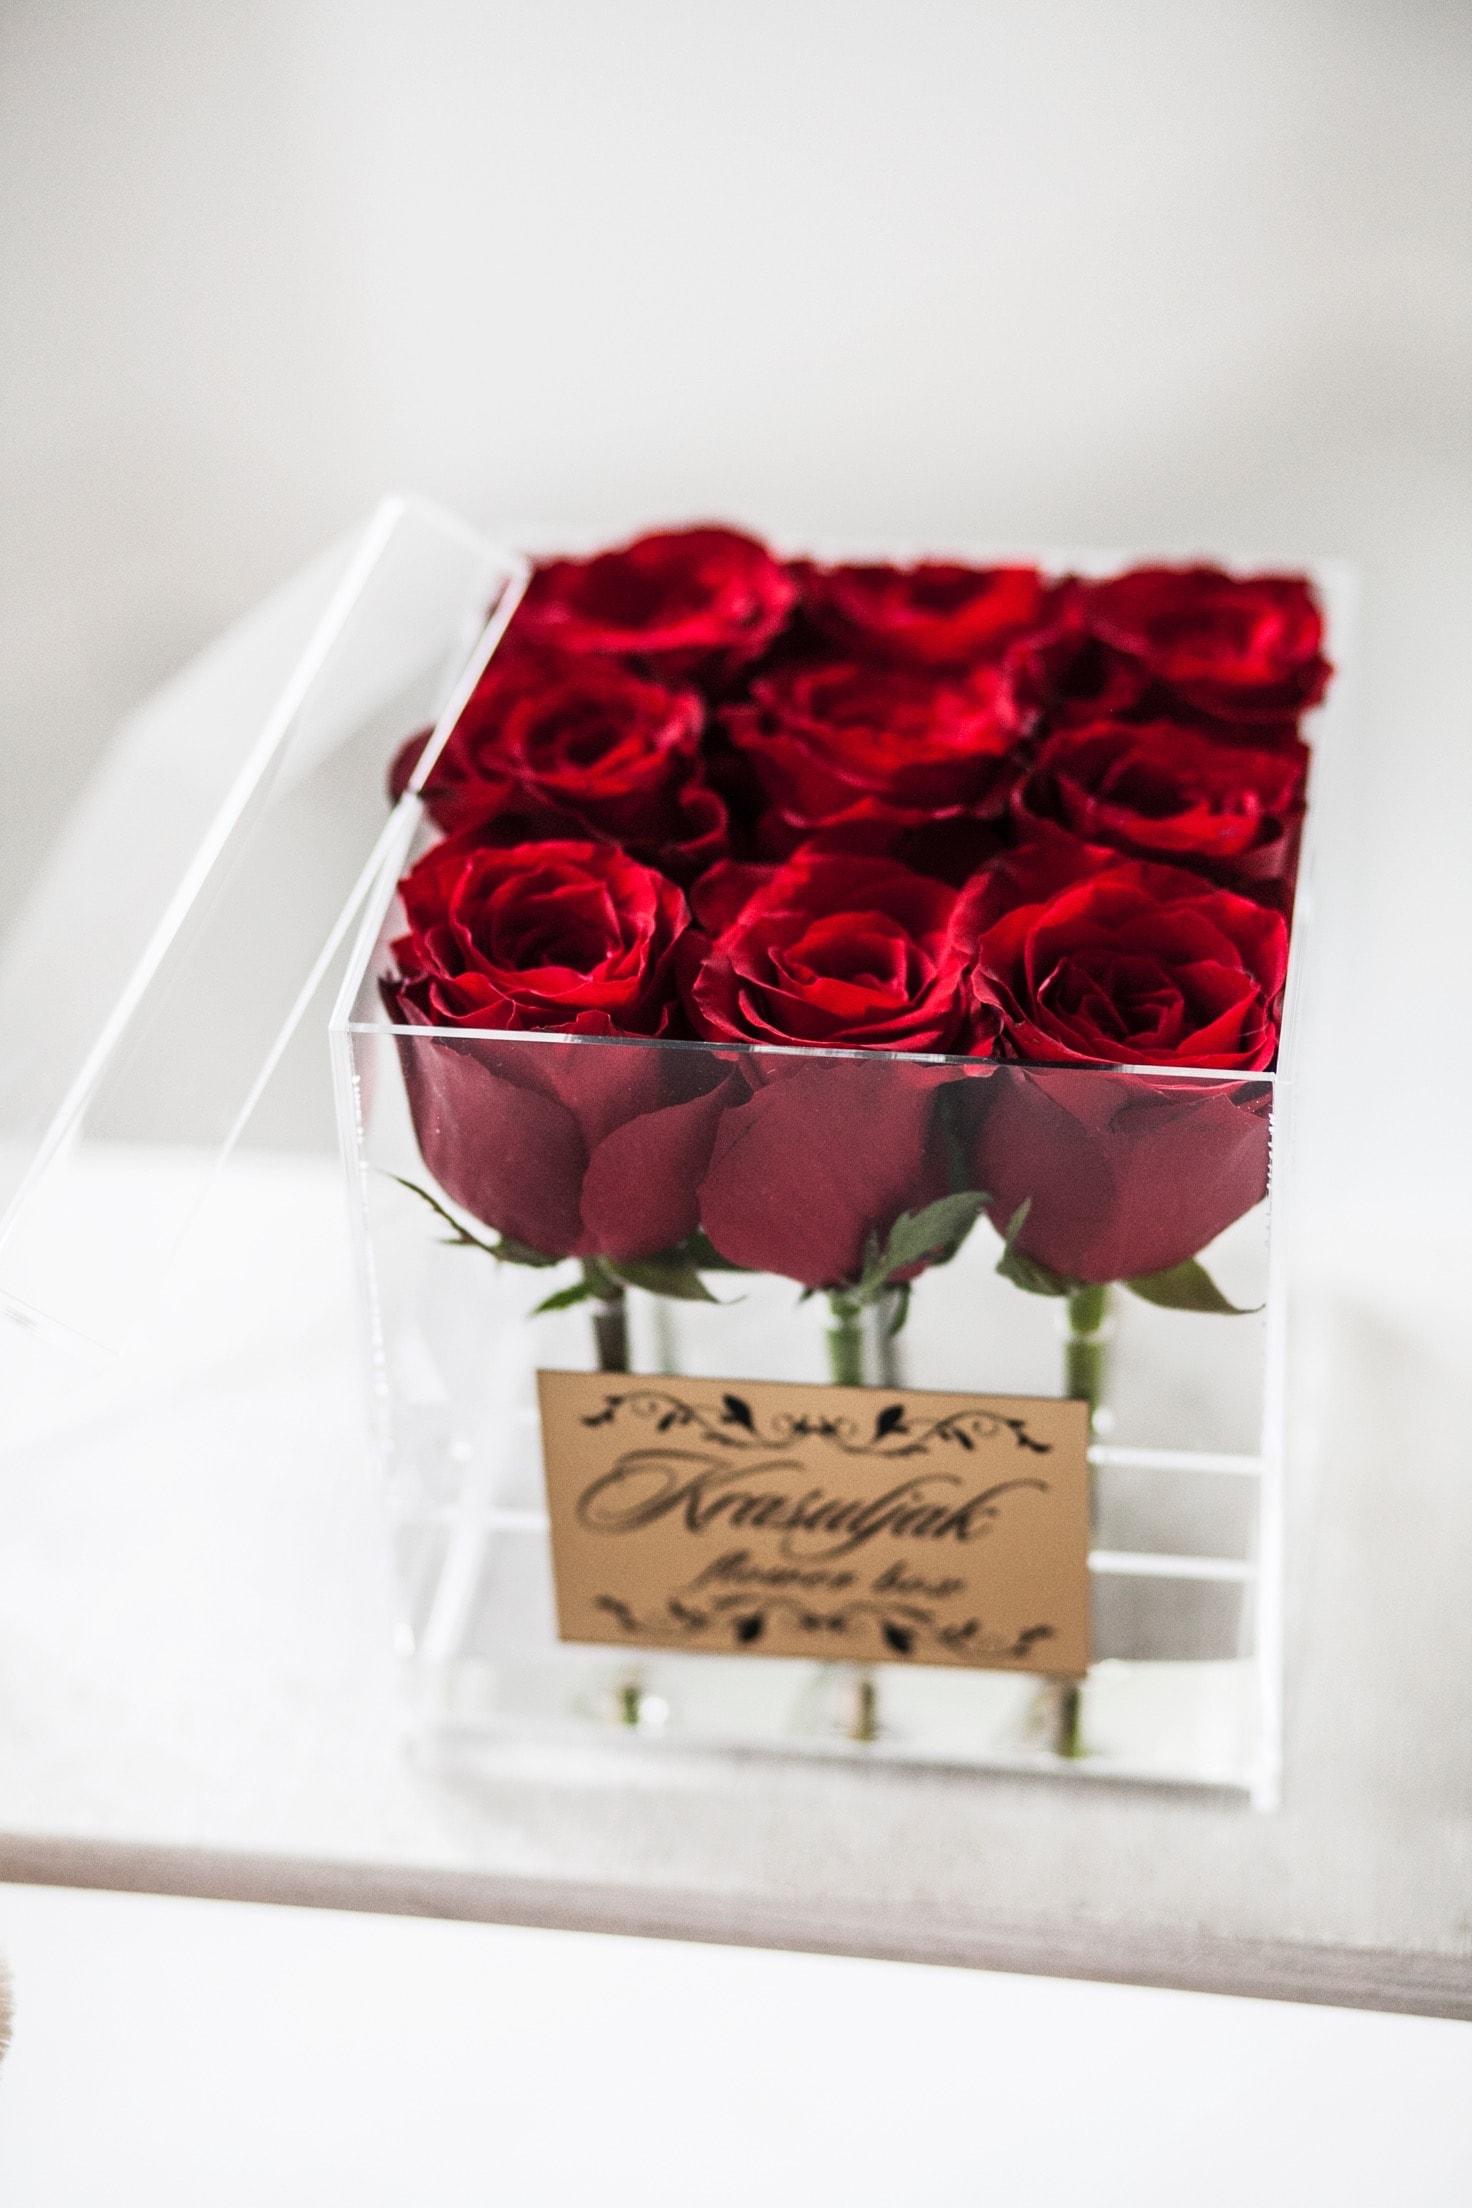 Crvene ruze u staklenoj kutiji